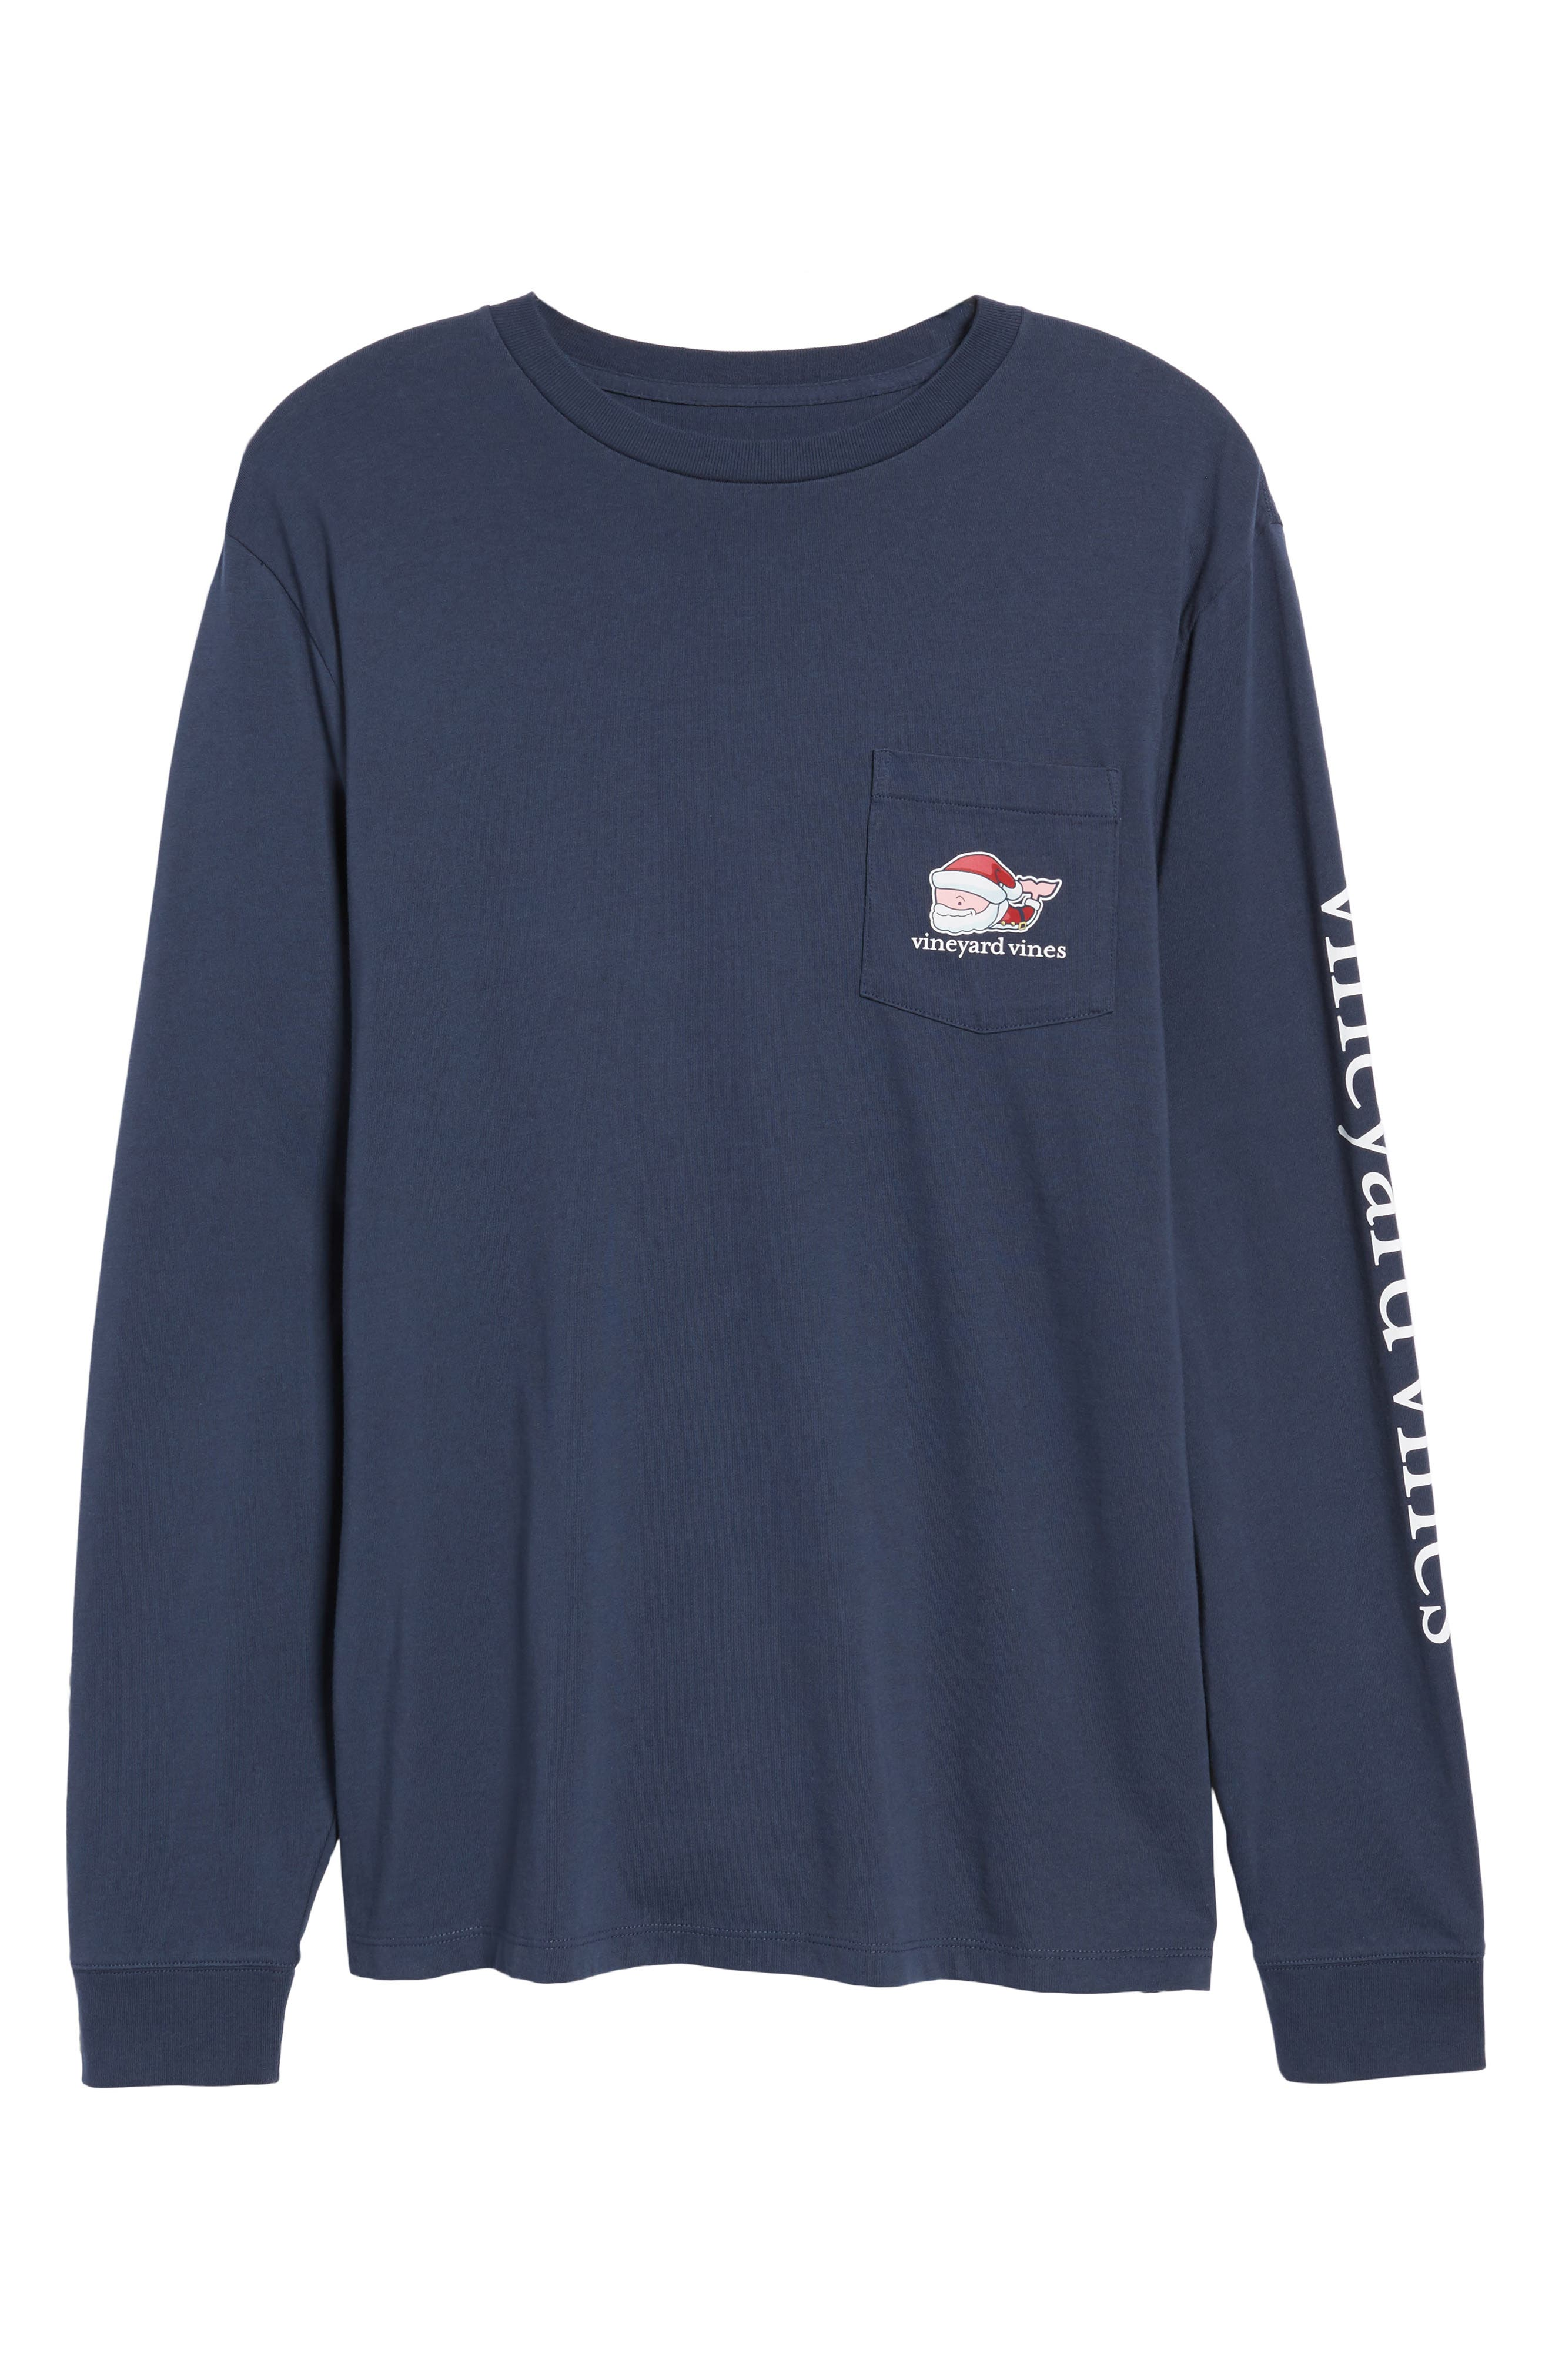 Mr. Claus Whale Graphic Pocket T-Shirt,                             Alternate thumbnail 6, color,                             Blue Blazer